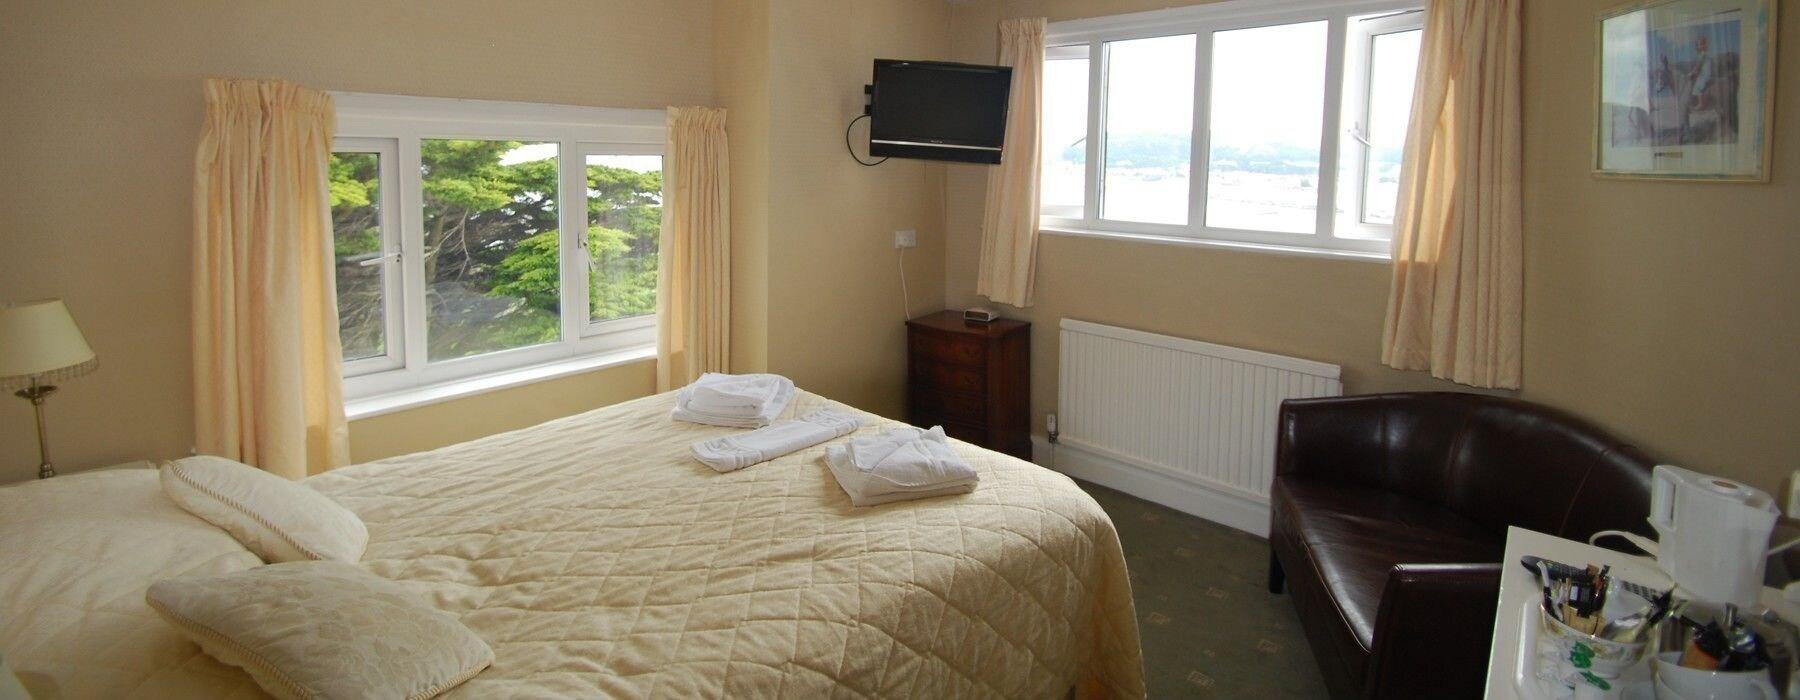 Headlands Hotel, Conwy